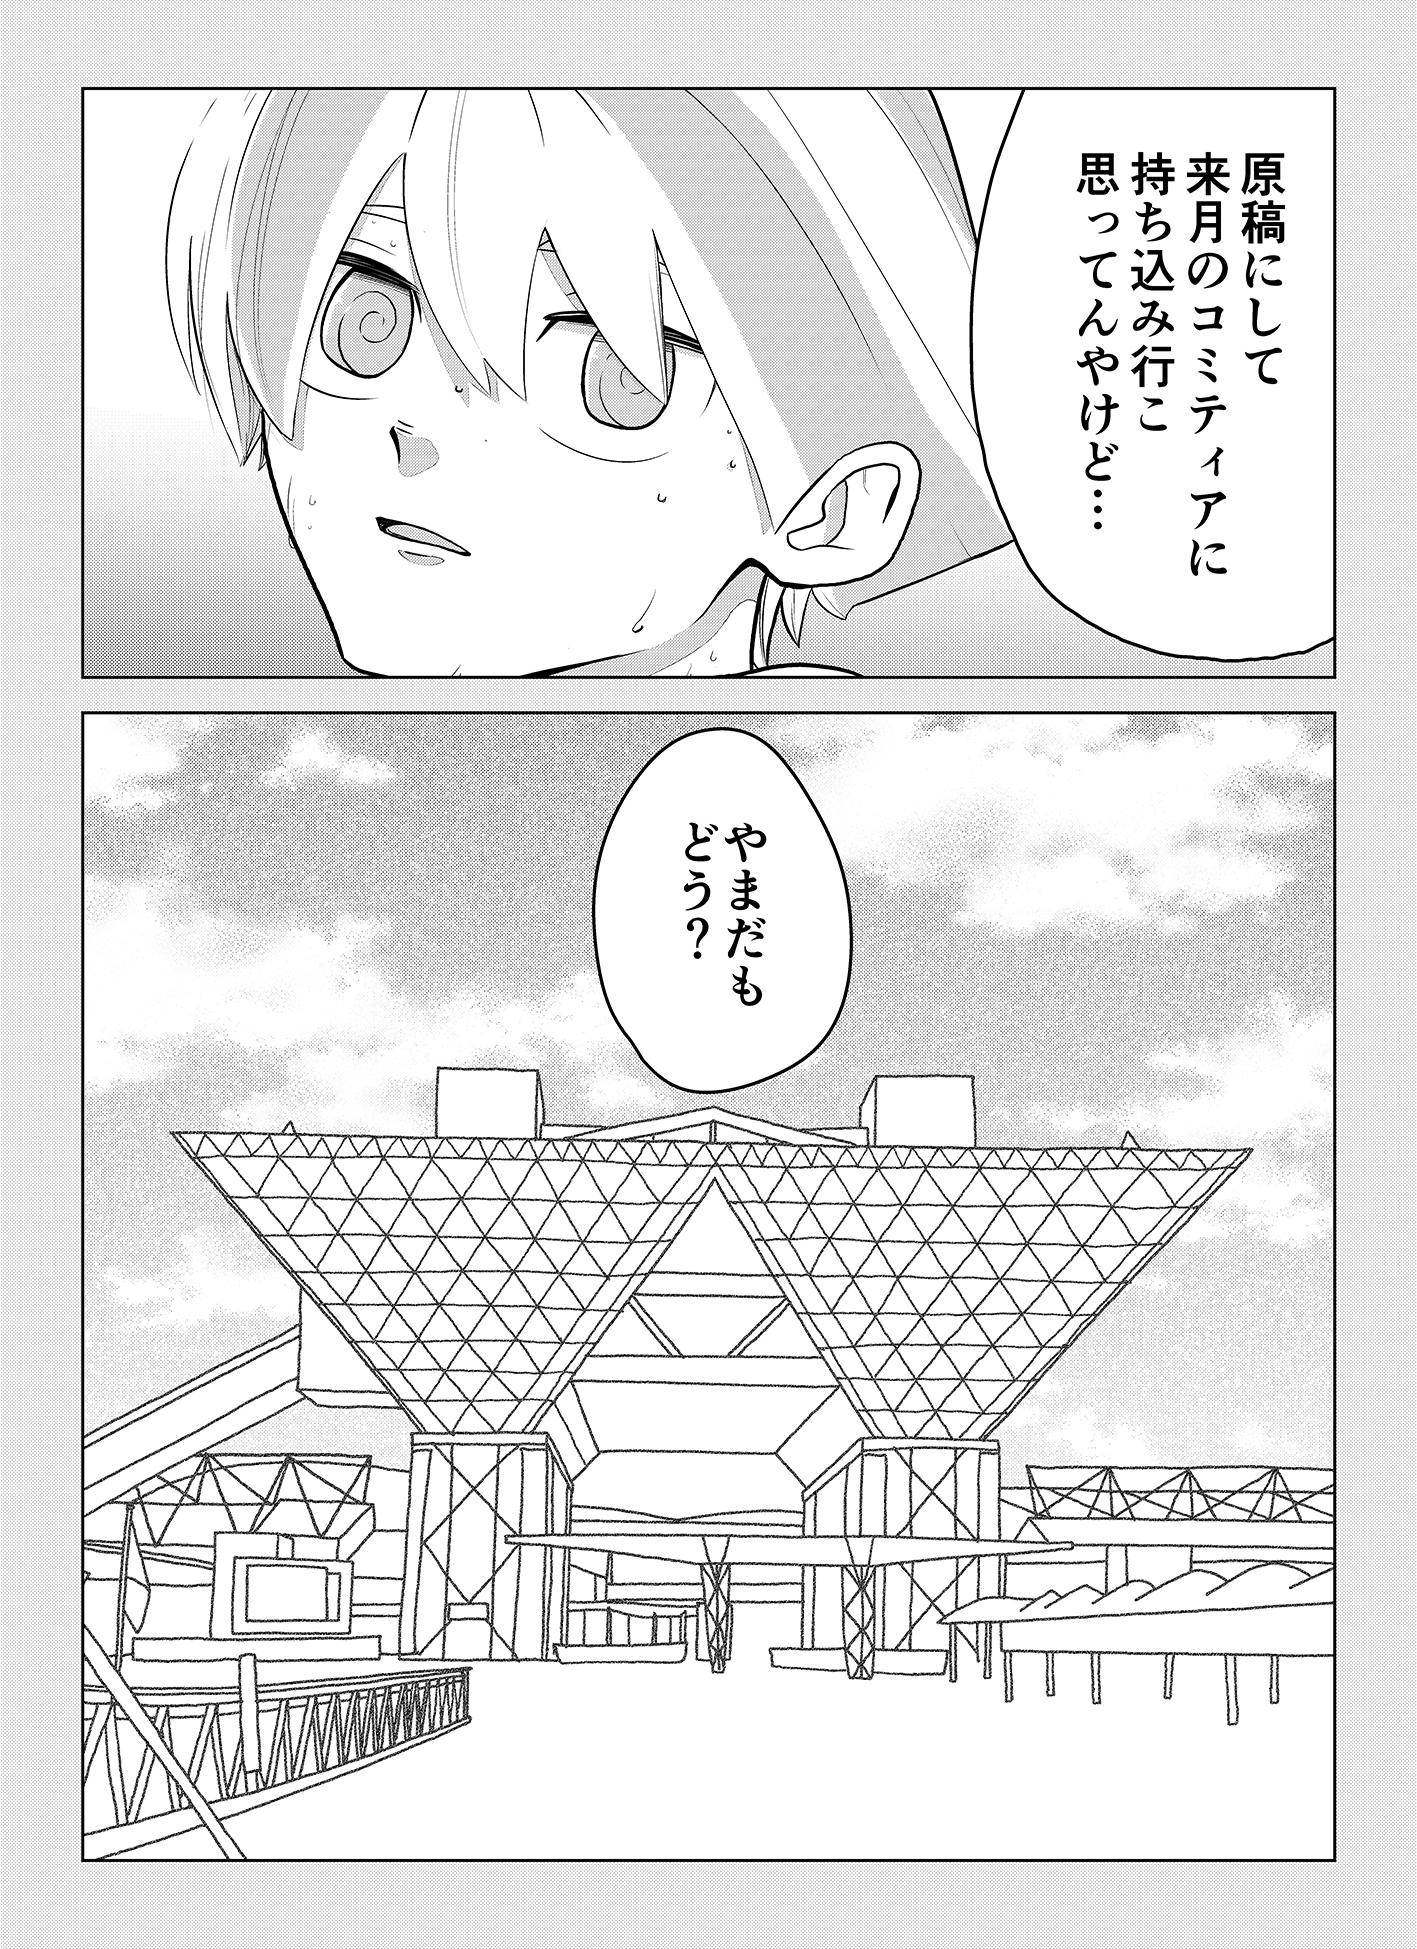 share_11_014